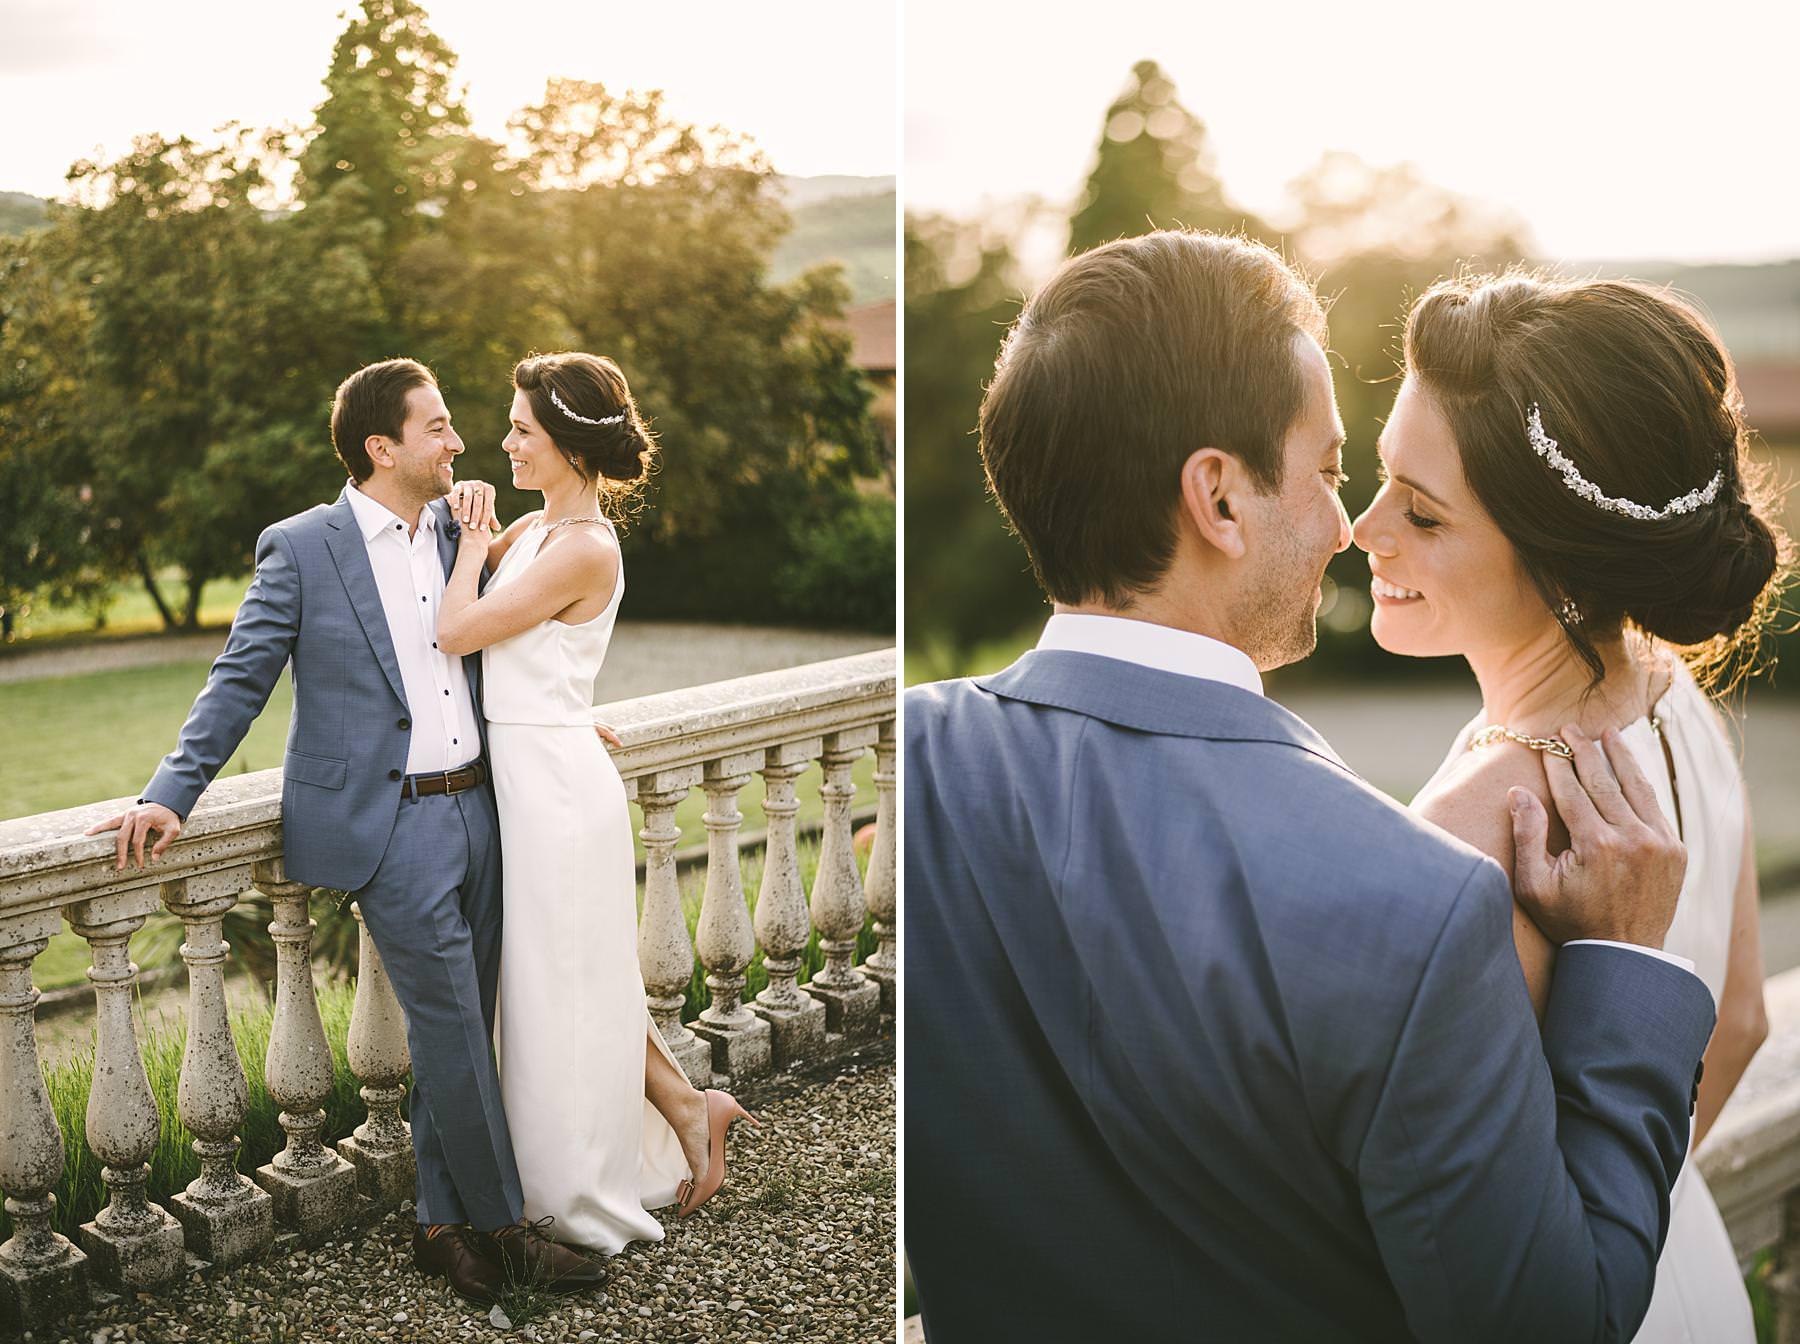 Editorial pre wedding couple portrait photo shoot in Tuscany at Villa La Selva Wine Resort